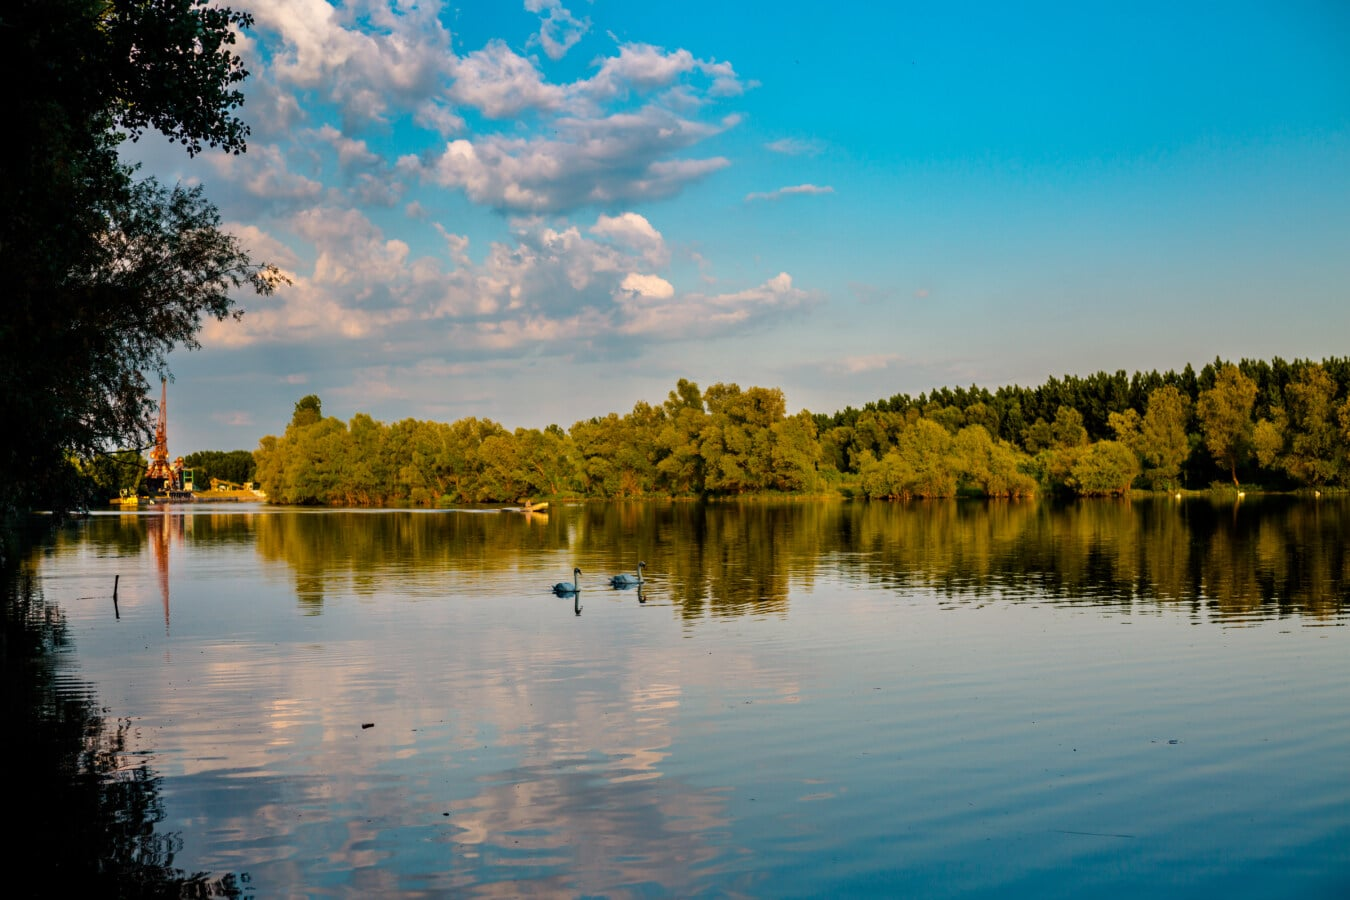 placide, au bord du lac, oiseaux aquatique, piscine, atmosphère, après midi, paysage, eau, réflexion, rive